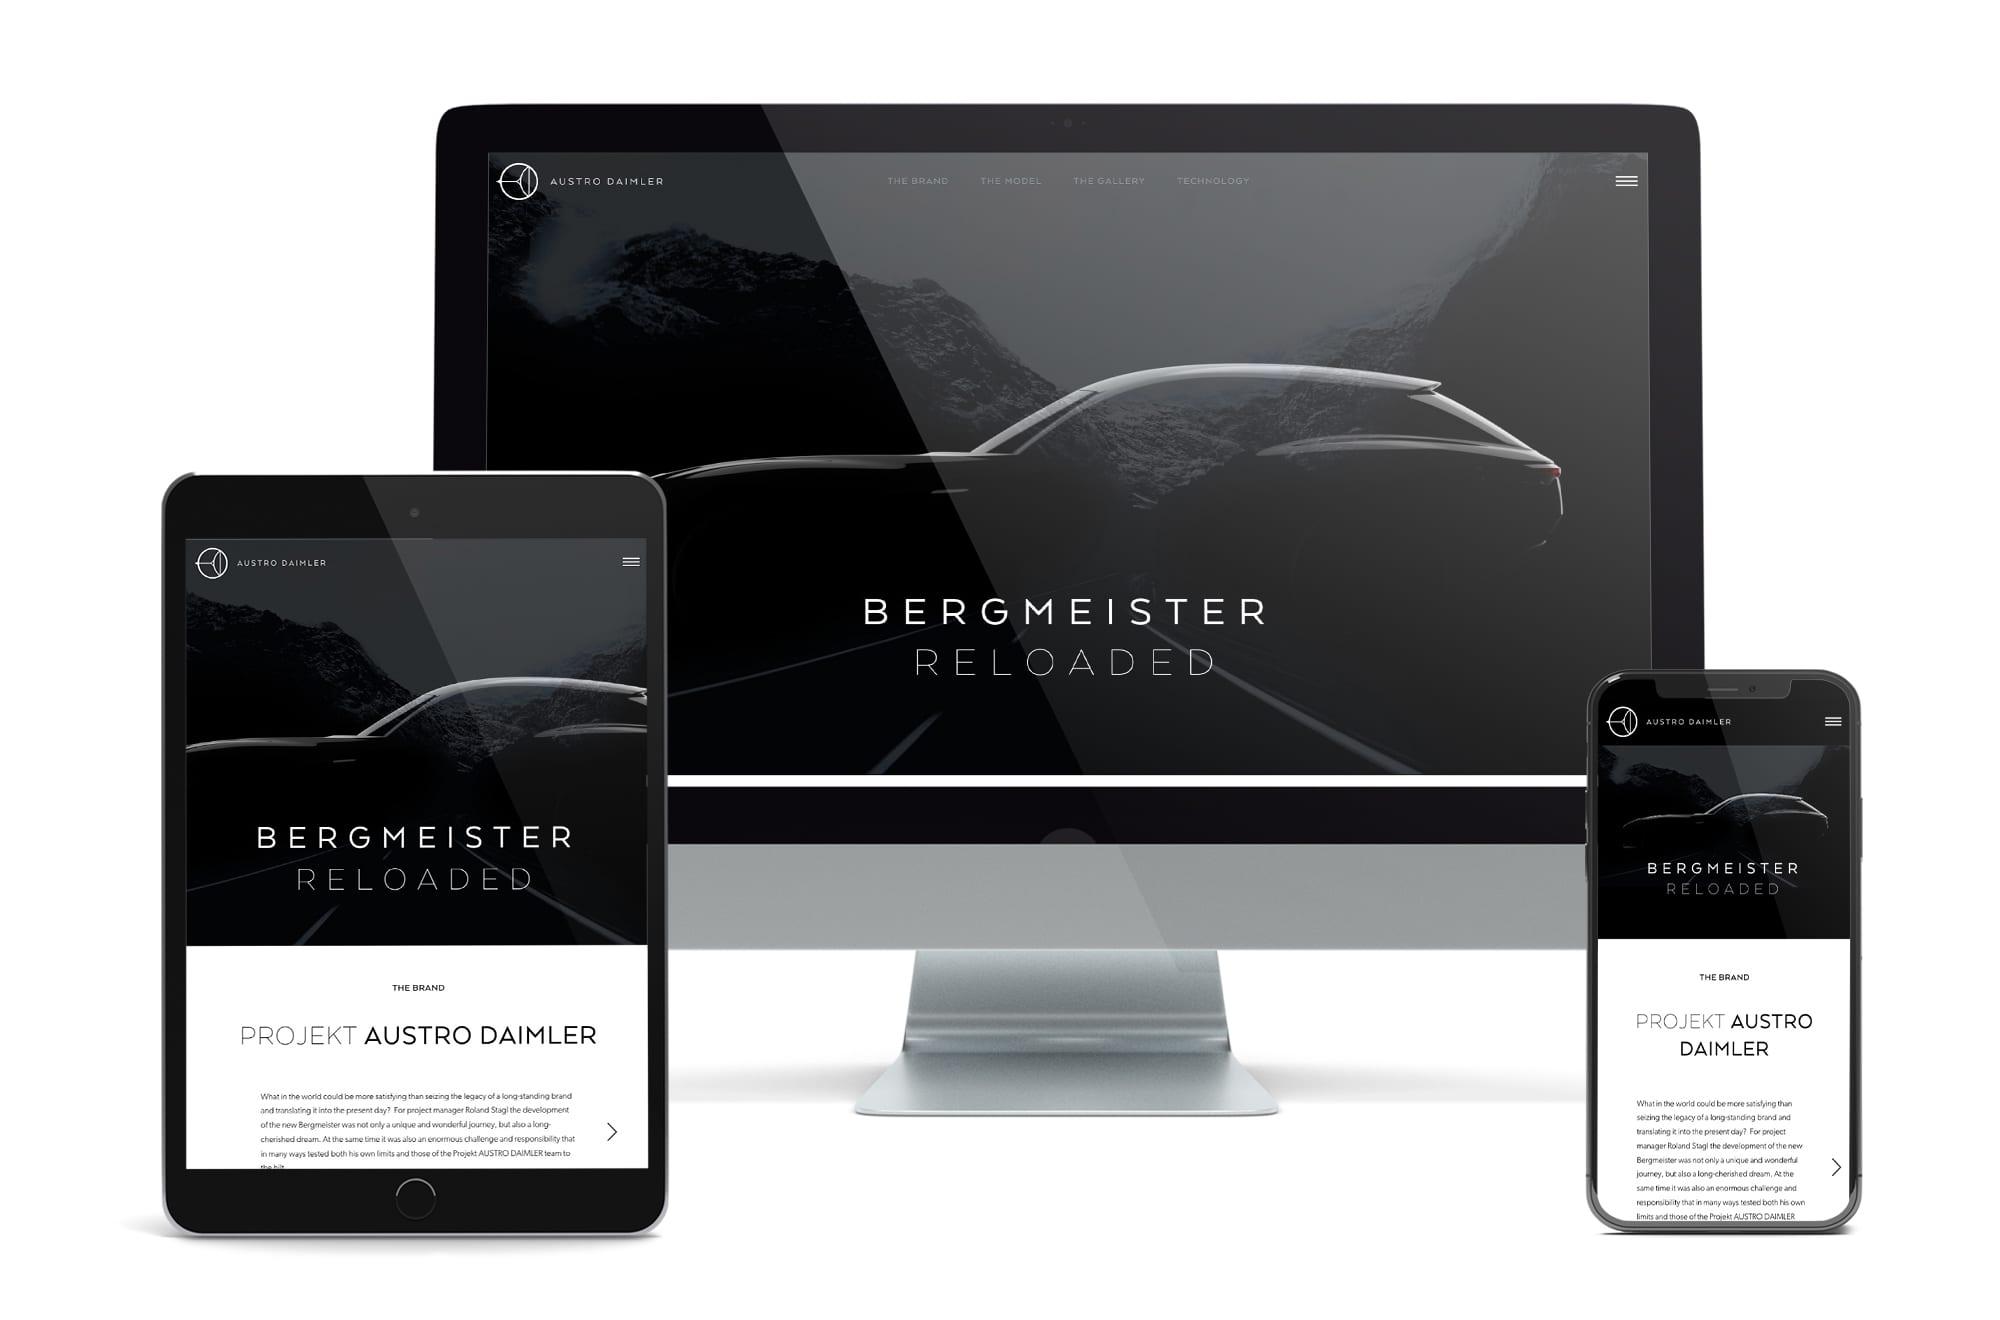 Webdesign Beispiel: Neue Website für Automotive & Technologie